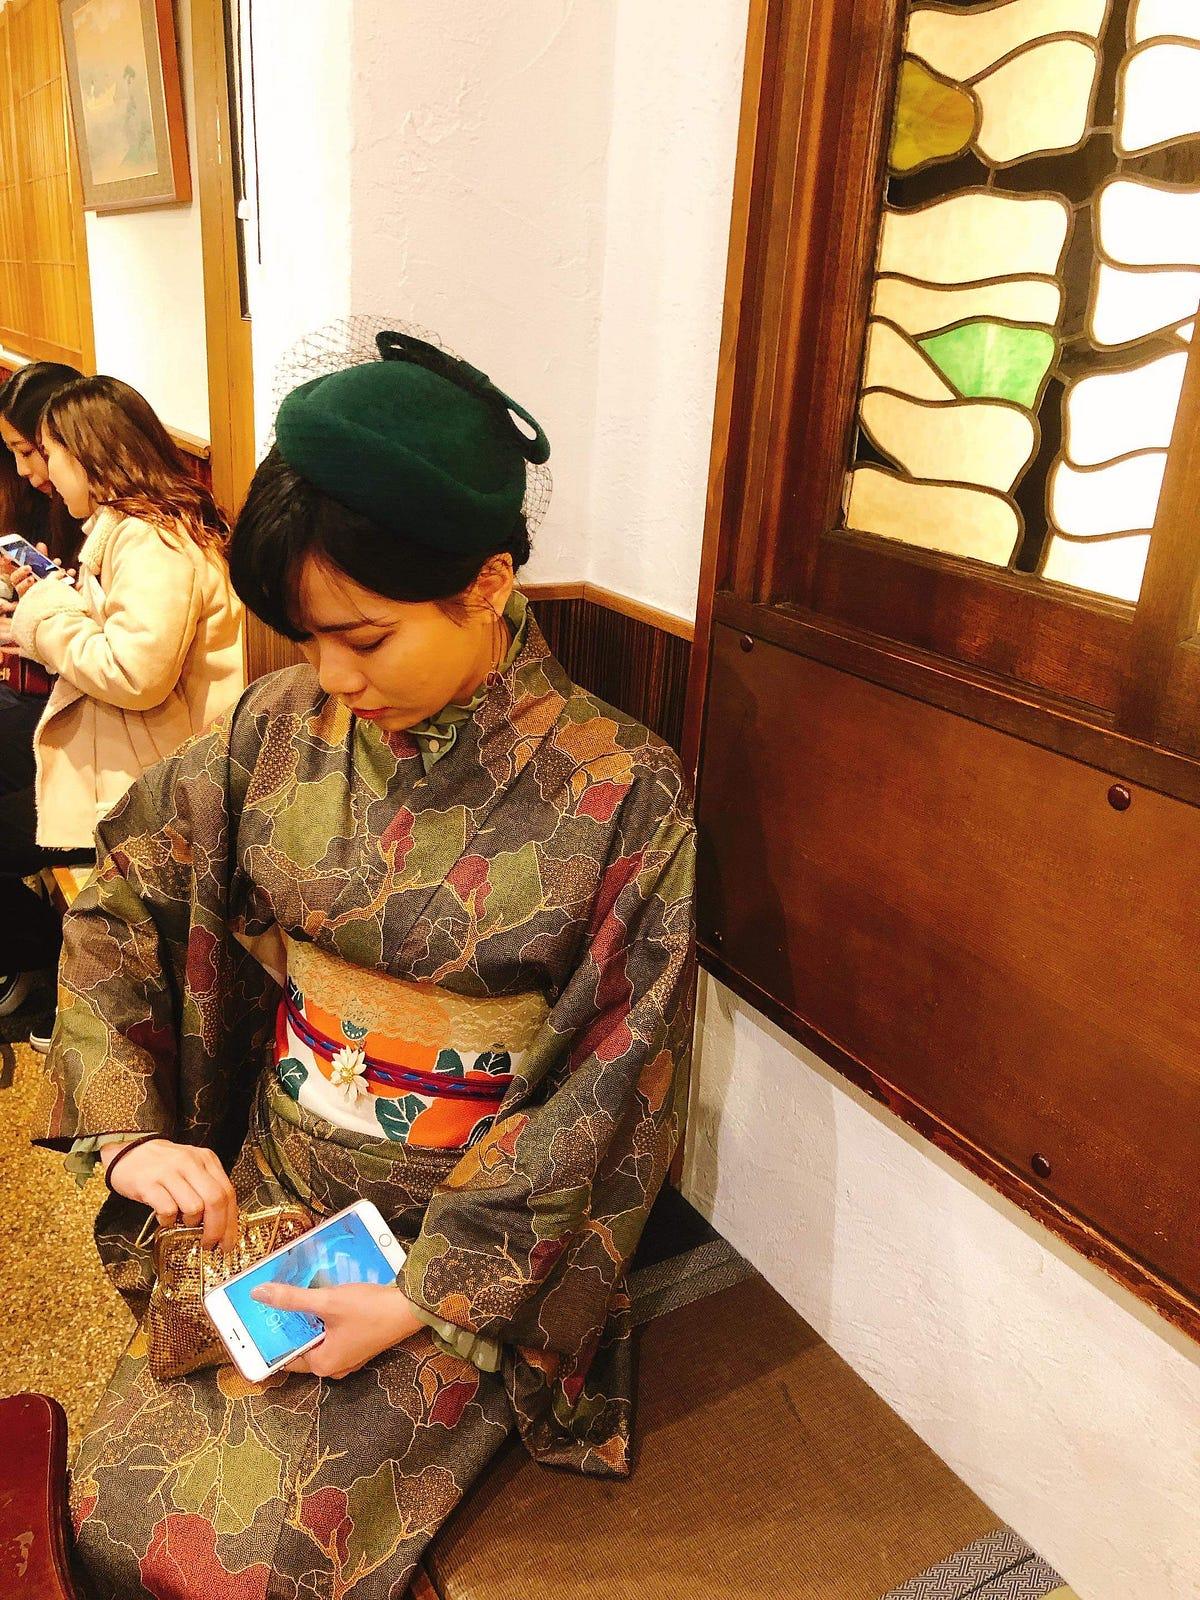 日本生活・東京都 豐島區・第四年. Story045 | by 千人千日.1000個在日本的故事 | Medium